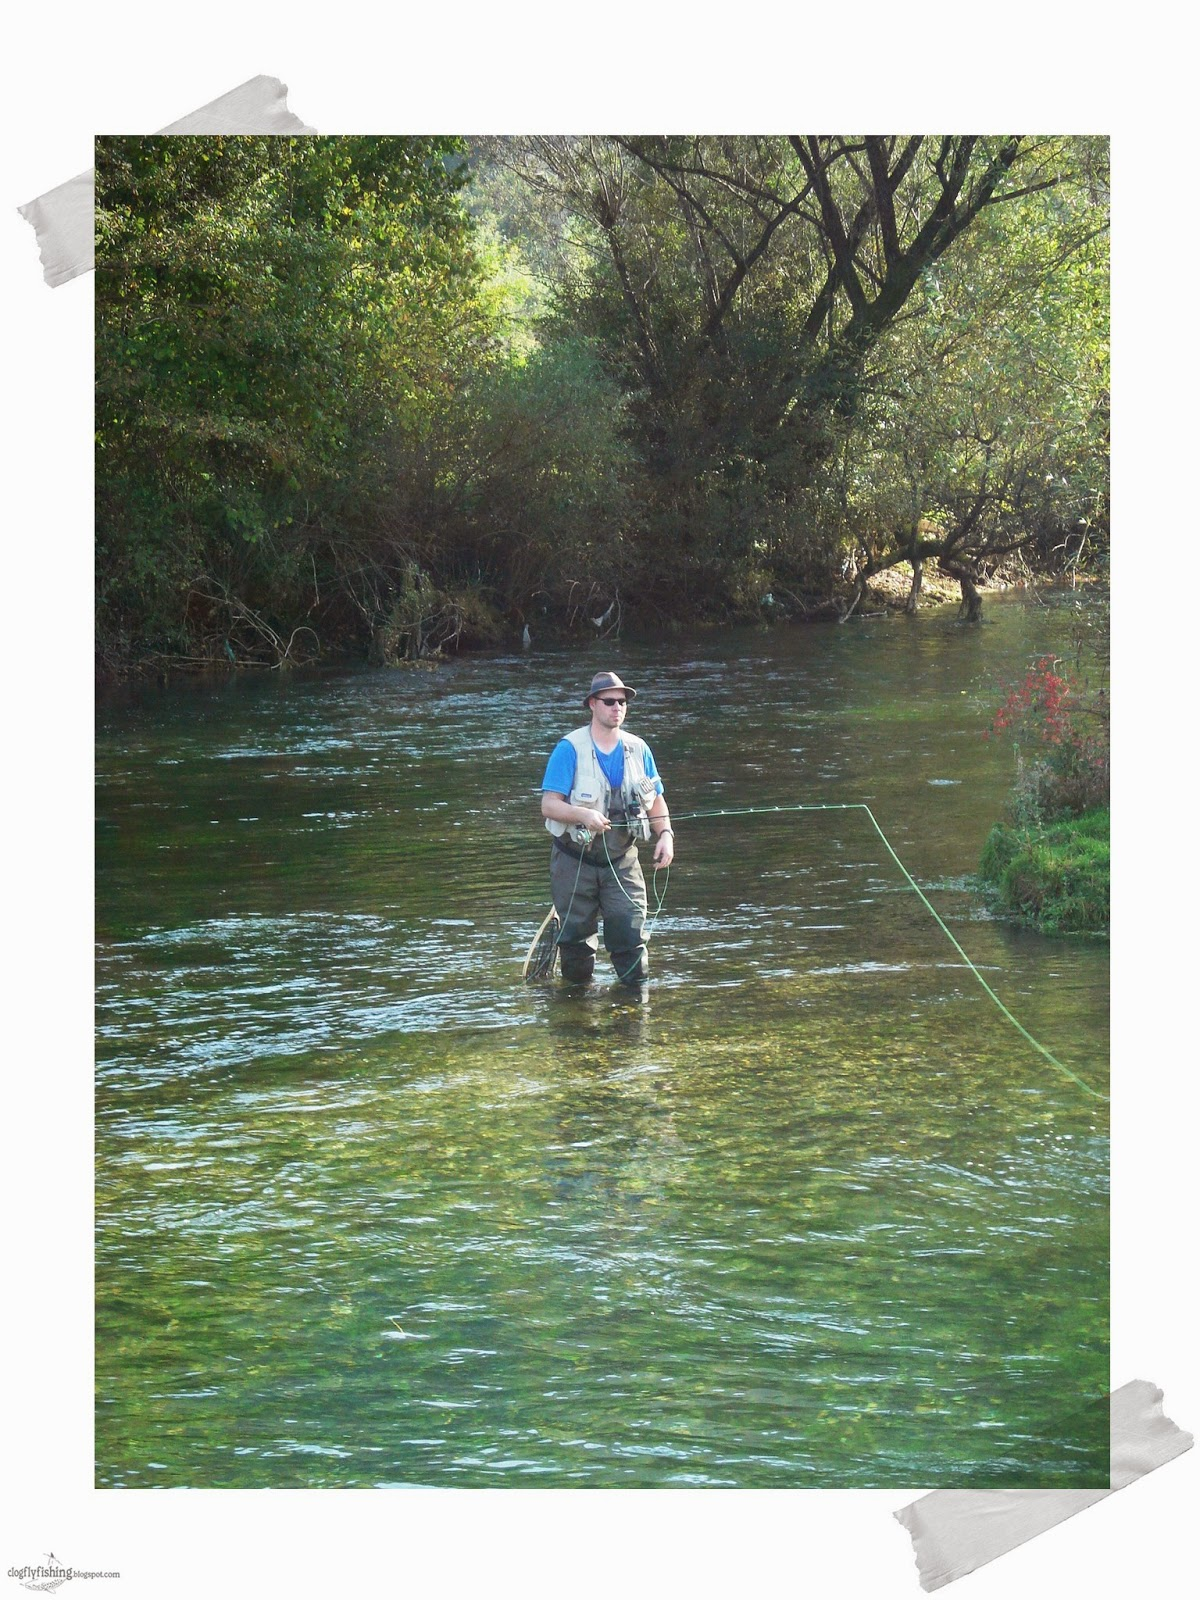 BiH, fishing, fly, grayling, műlegyezés, pisztráng, pér, trout